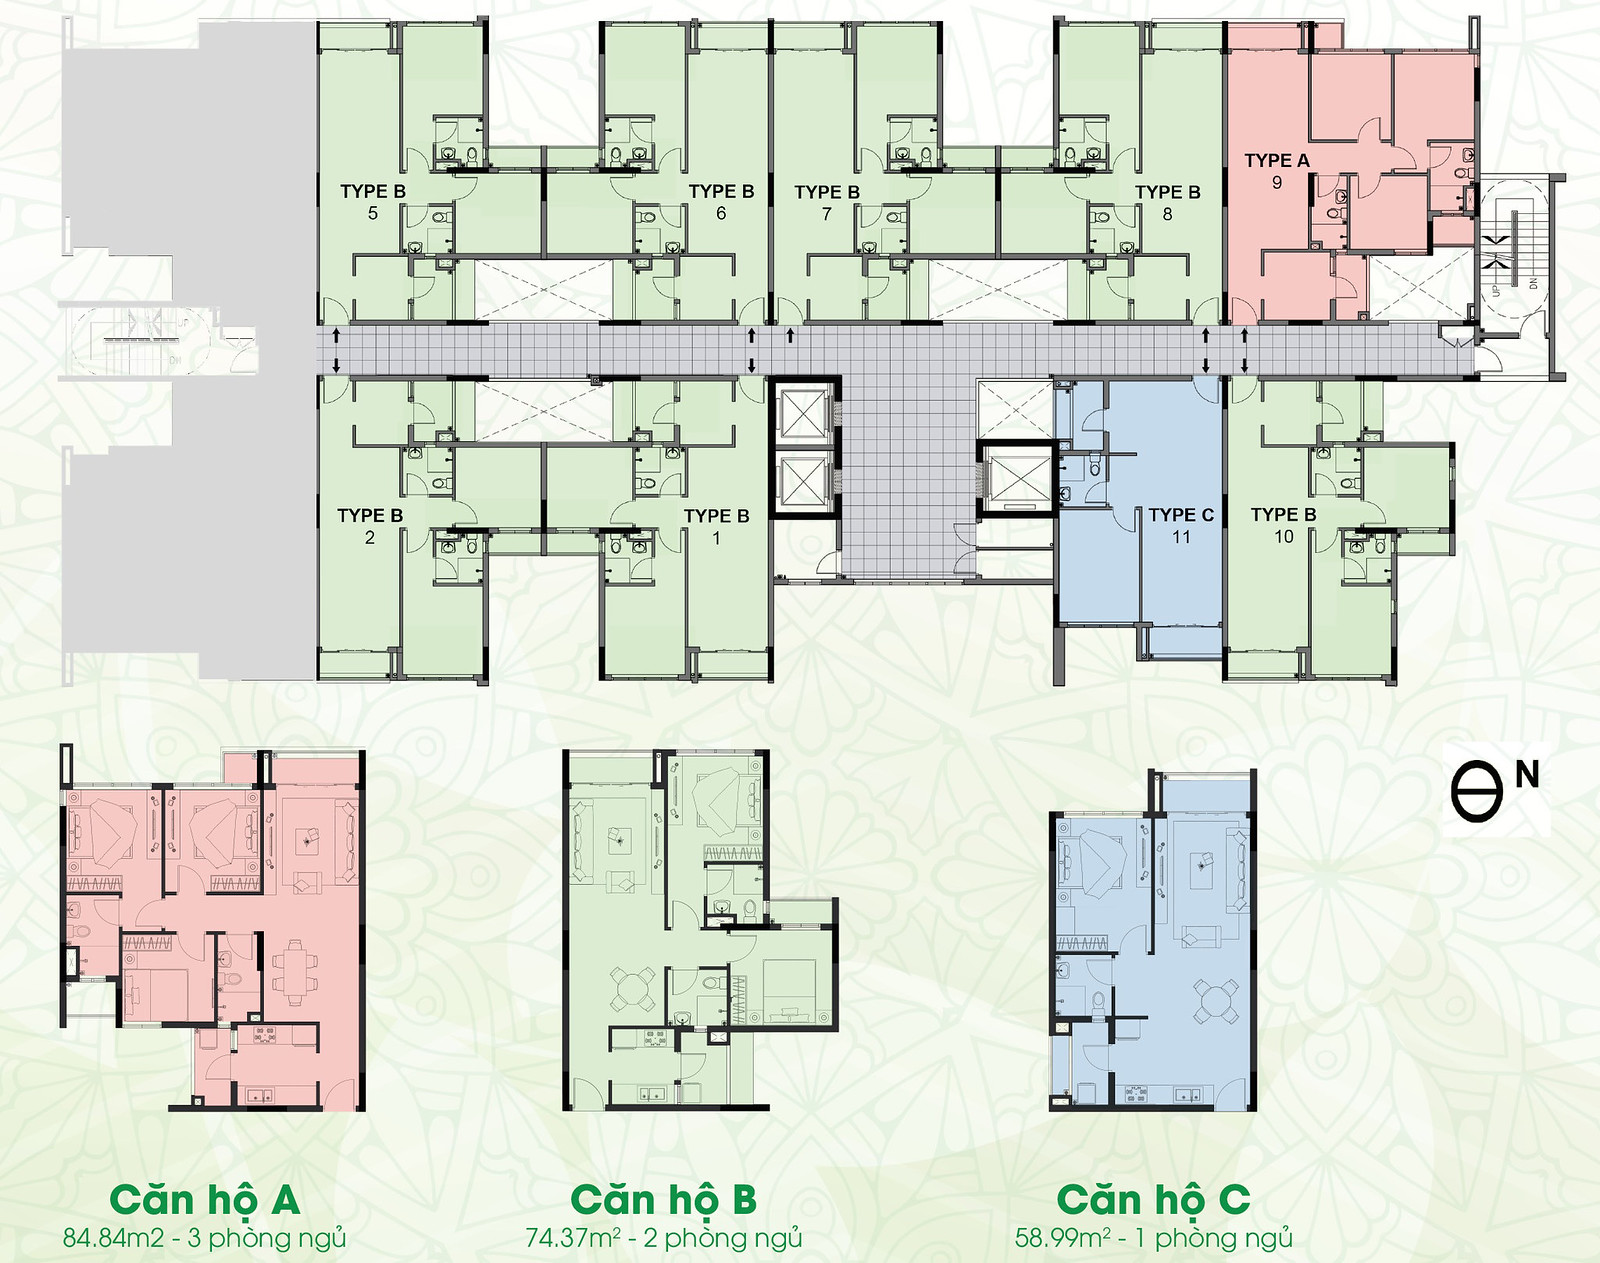 Thiết kế mặt bằng căn hộ Eco Xuân Bình Dương